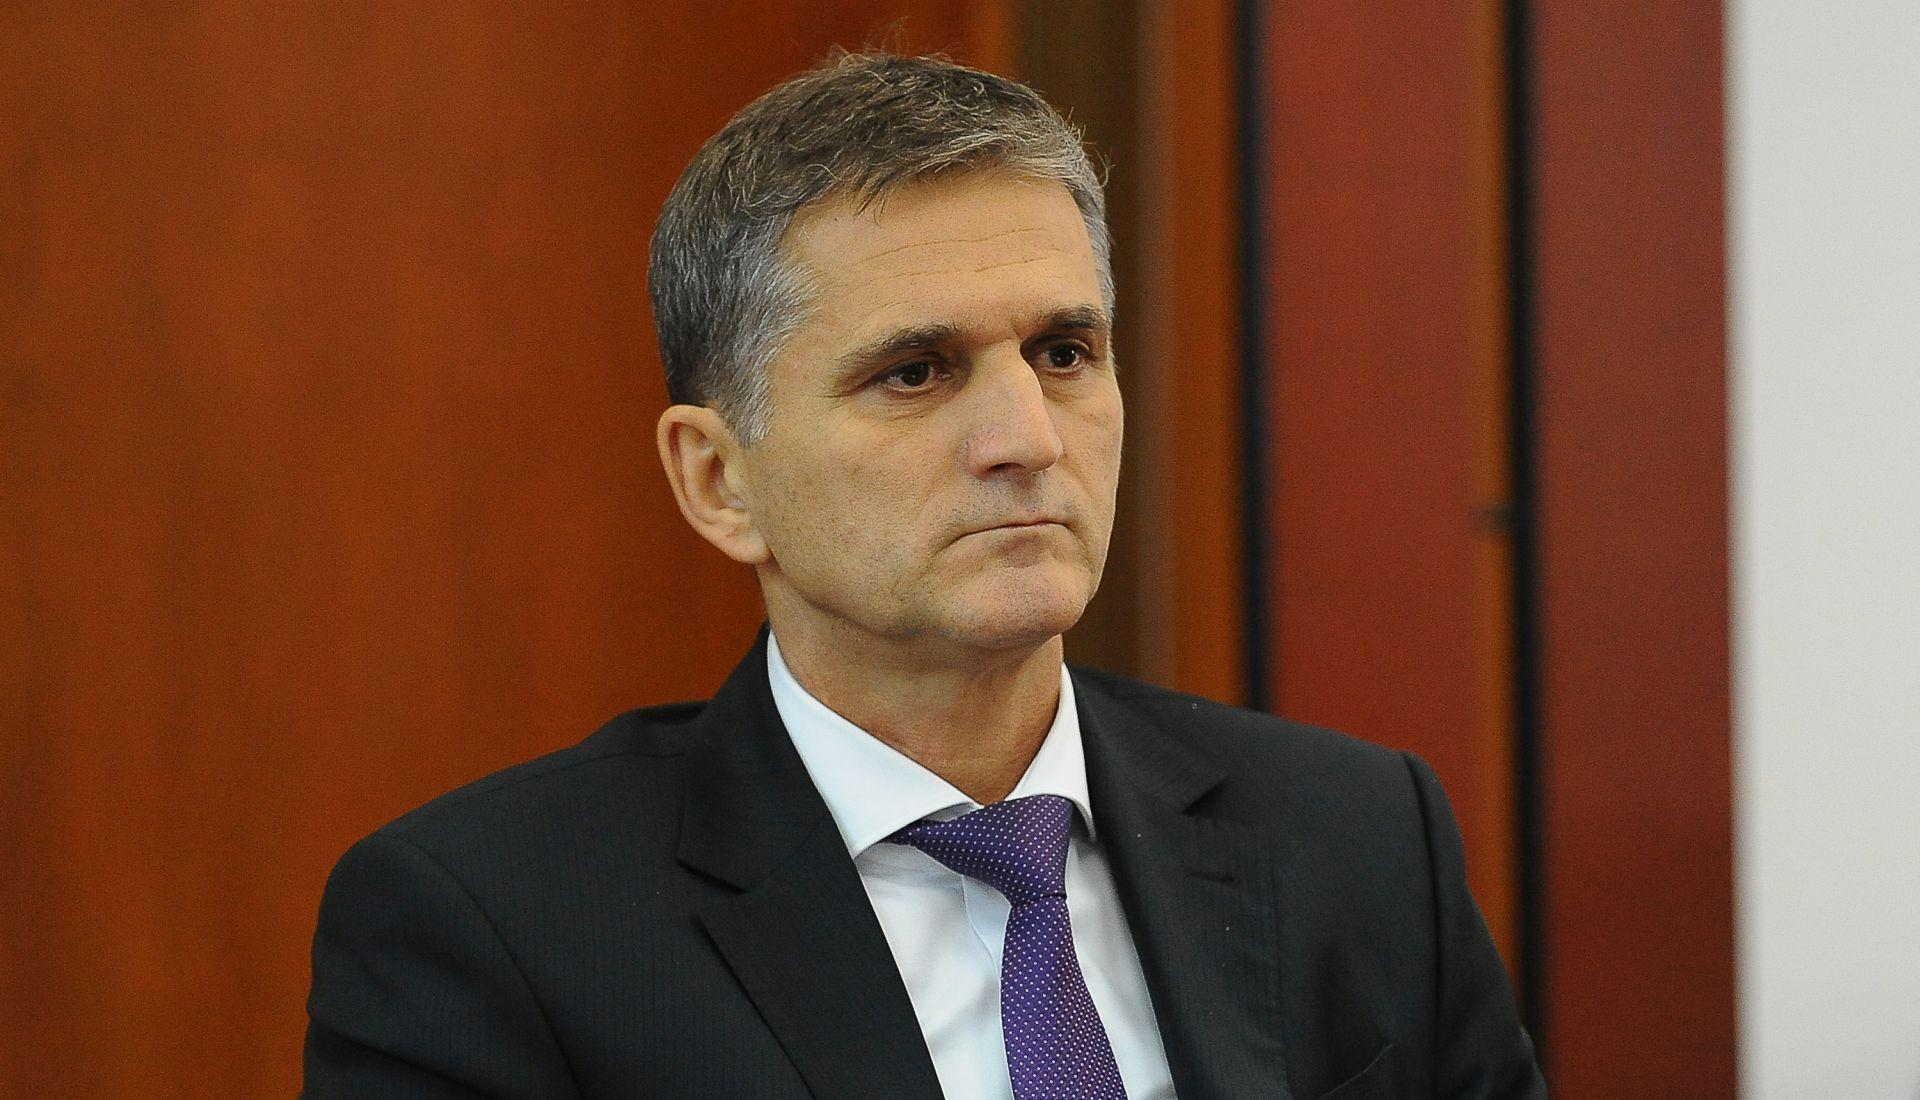 SABOR: G. Marić (HDZ) najzanimljiviji zastupnik, 43 posto više posjetitelja u 2016.